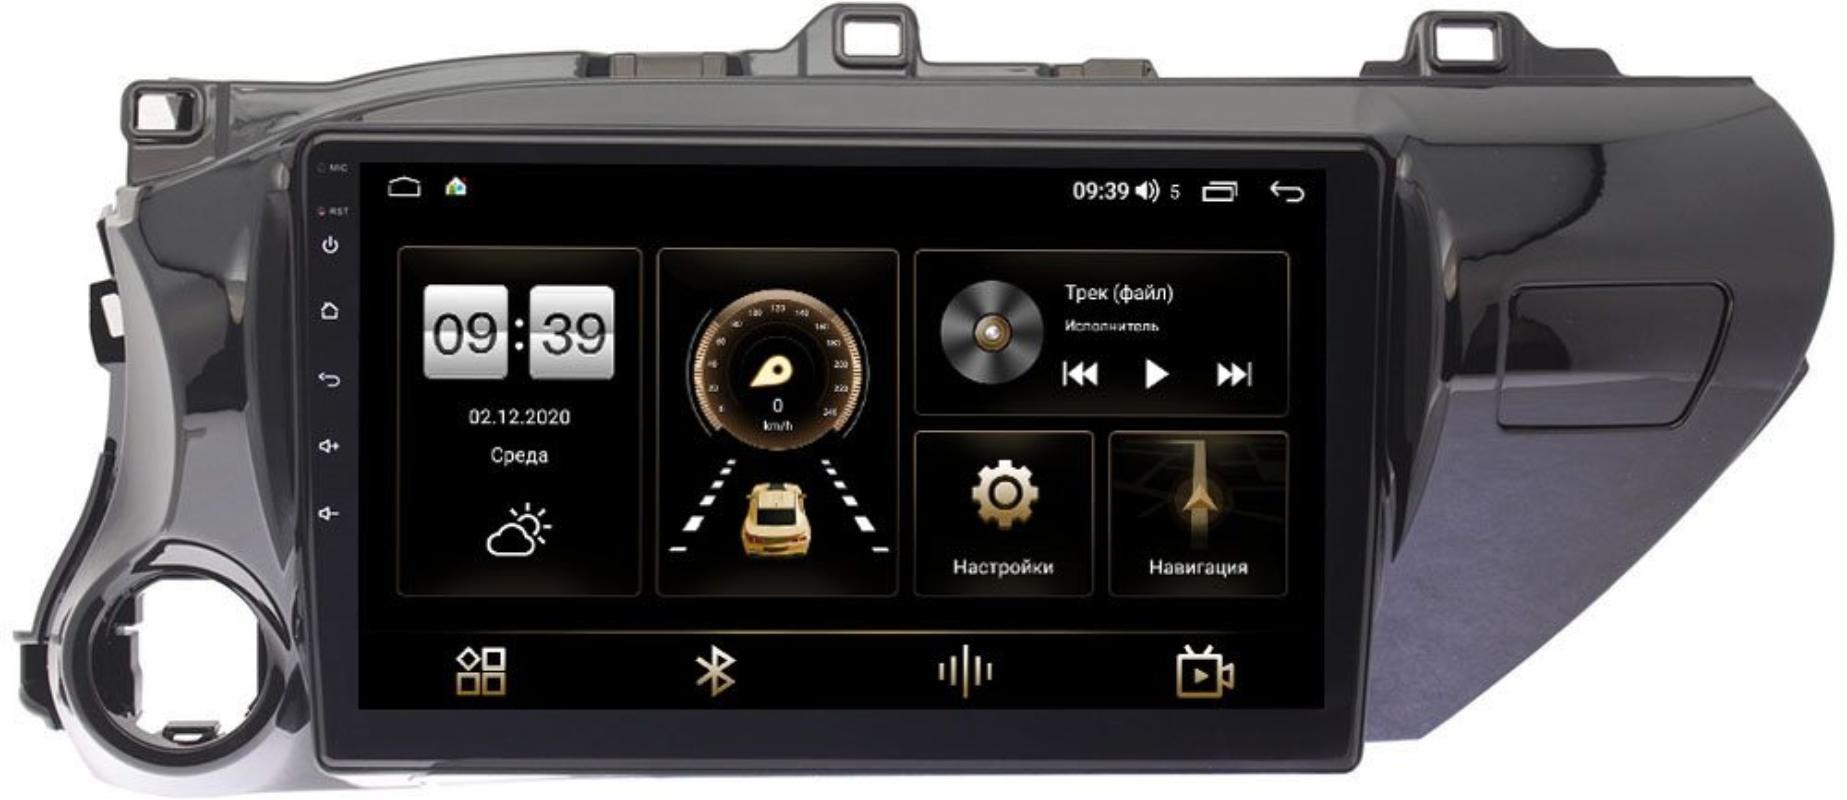 Штатная магнитола Toyota Hilux VIII 2015-2021 LeTrun 4195-1071 на Android 10 (6/128, DSP, QLed) С оптическим выходом (для авто без магнитолы) (+ Камера заднего вида в подарок!)